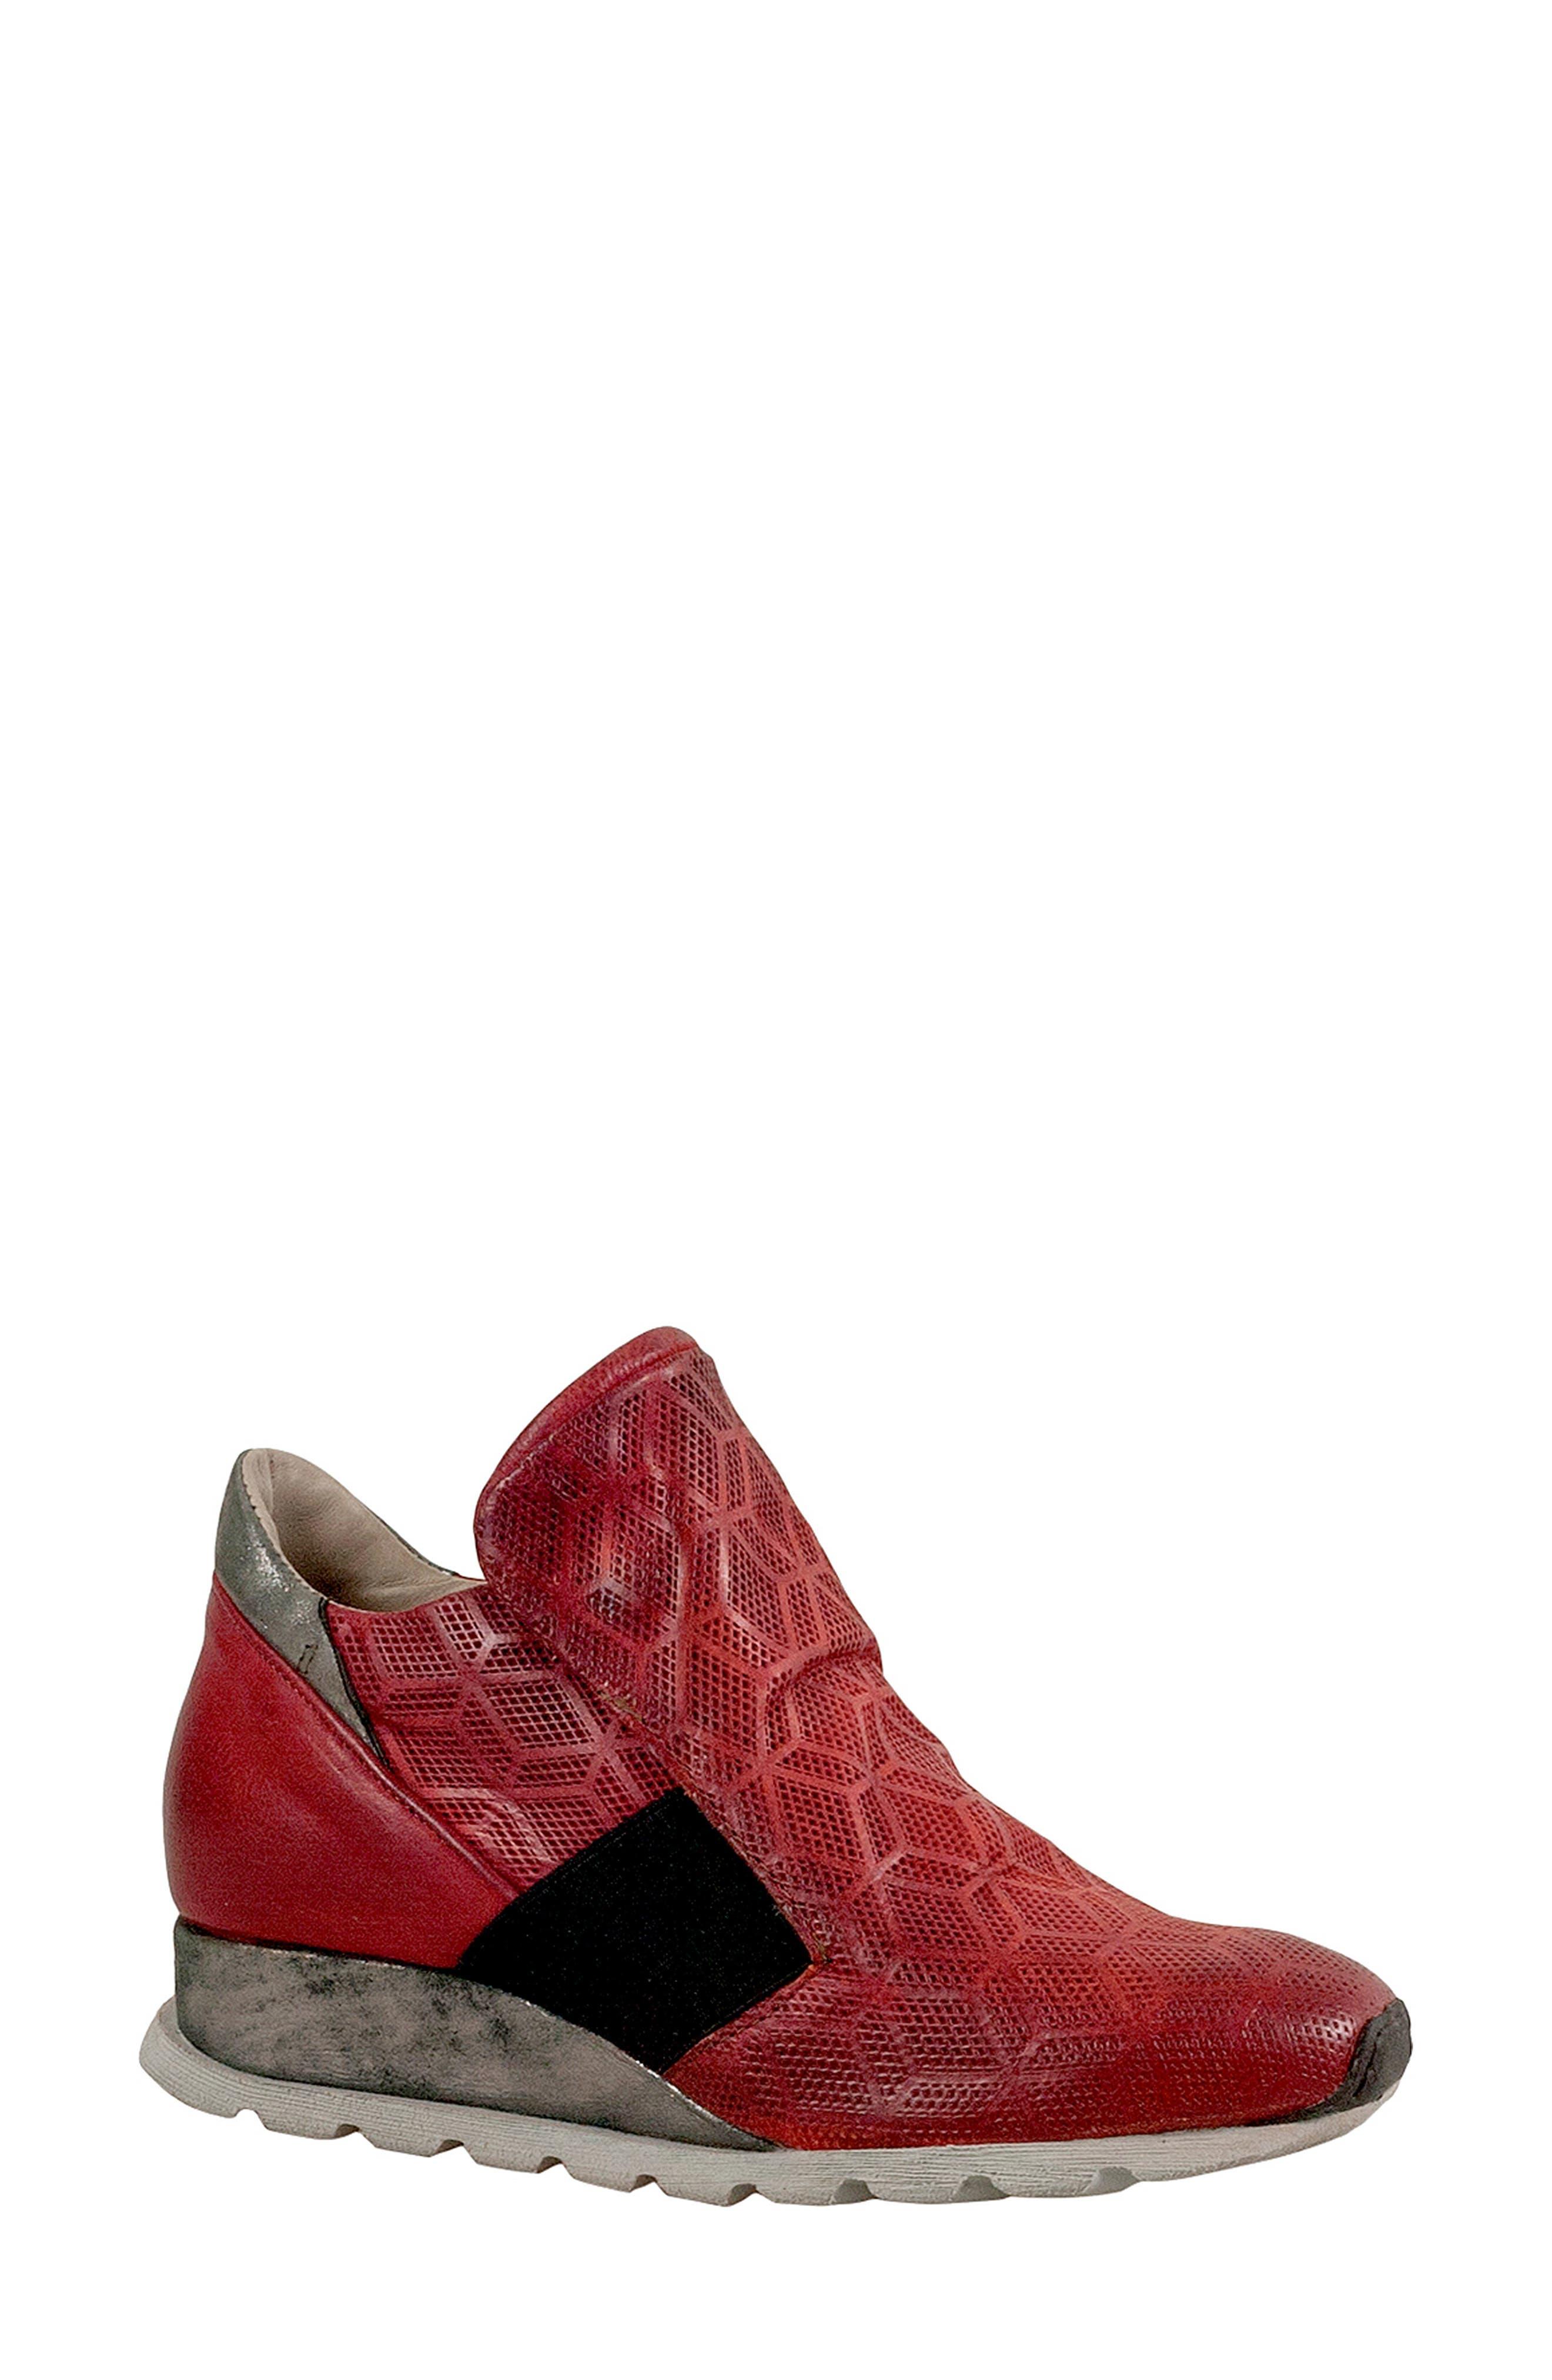 Miz Mooz Canarsie Sneaker, Red